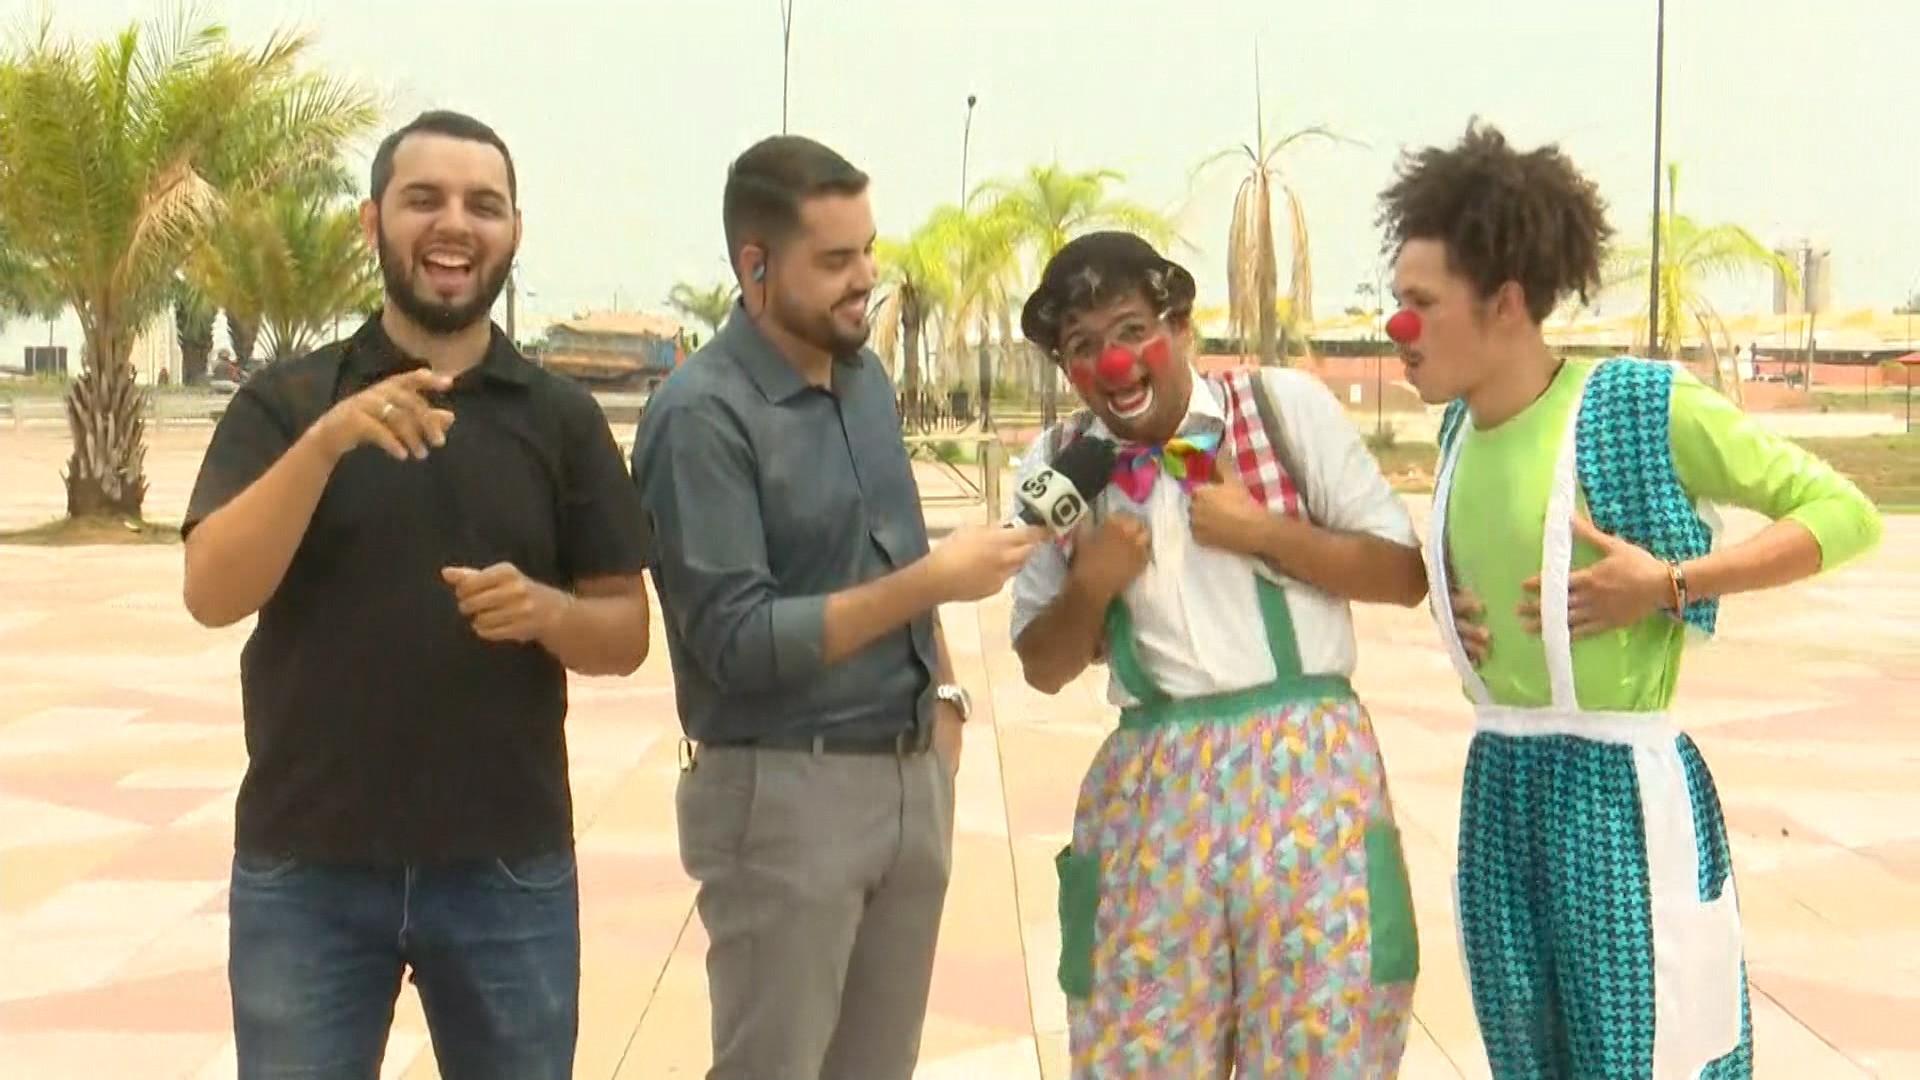 Idoso morre após cair em poço na cidade de Feira Grande, AL - Notícias - Plantão Diário